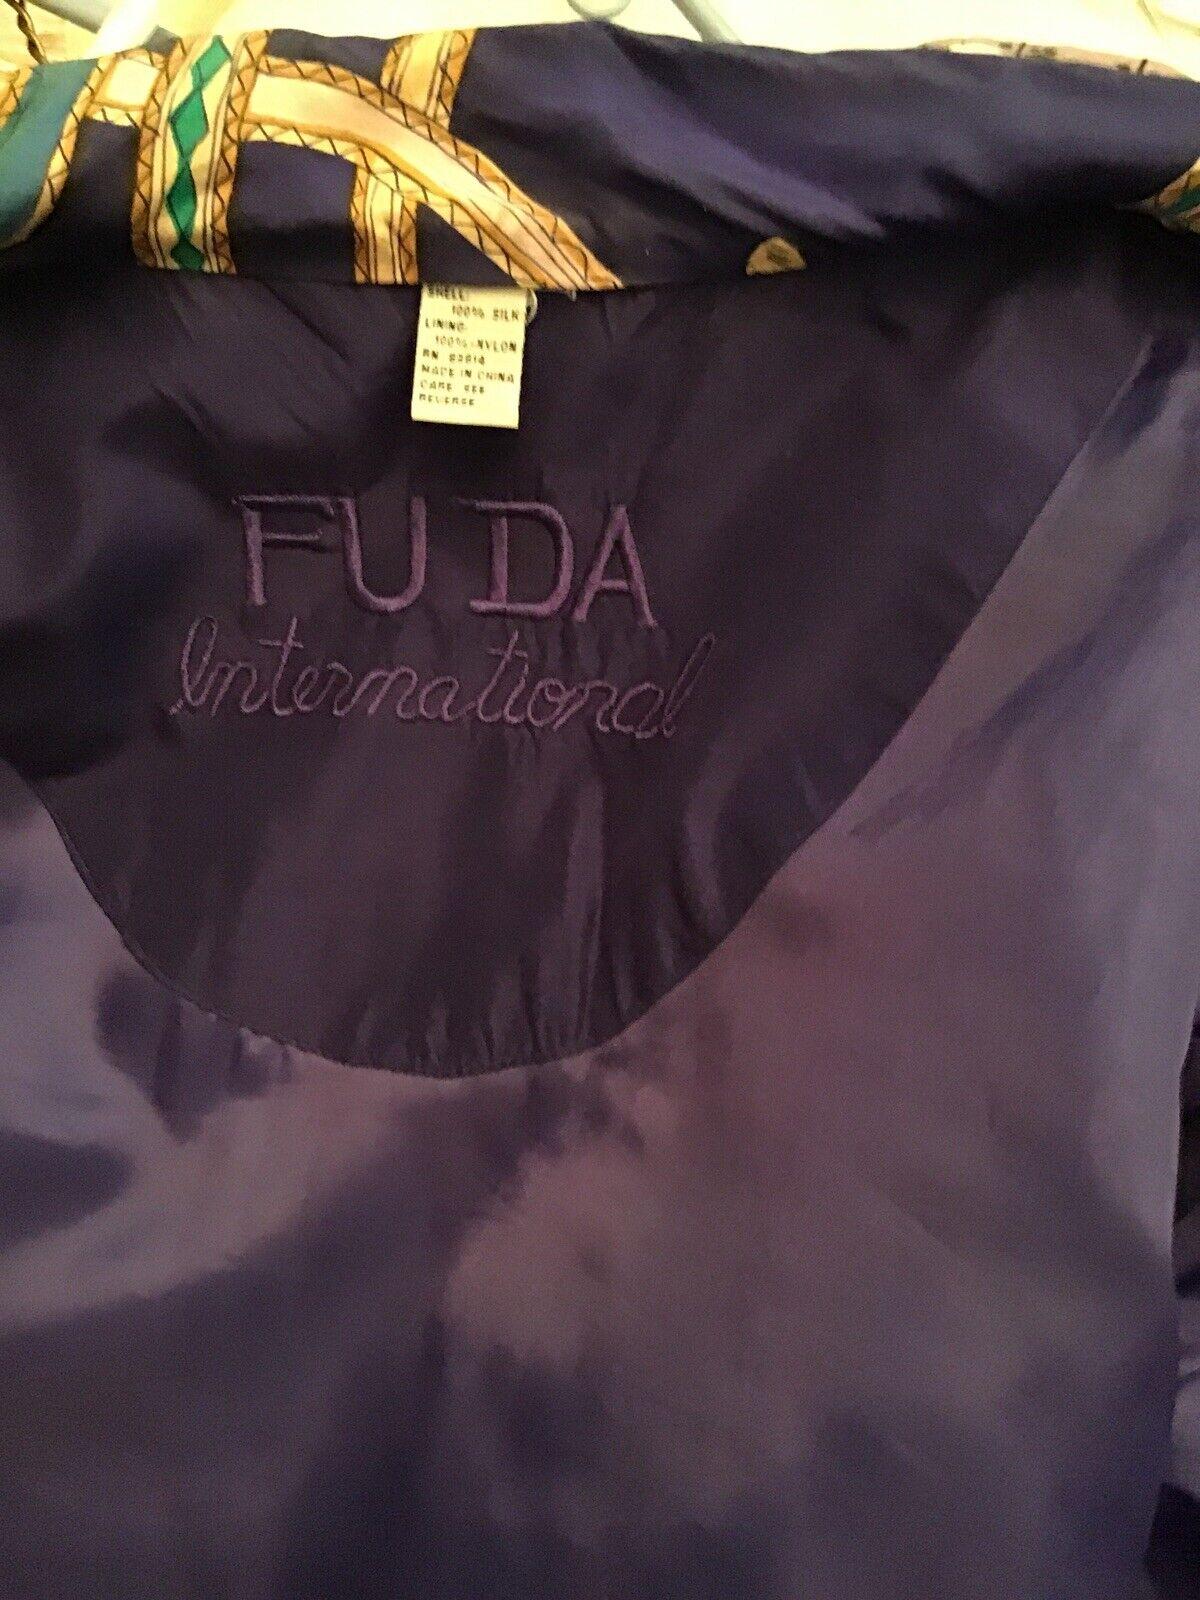 Vintage Fuda International Womens Track Suit Purp… - image 5